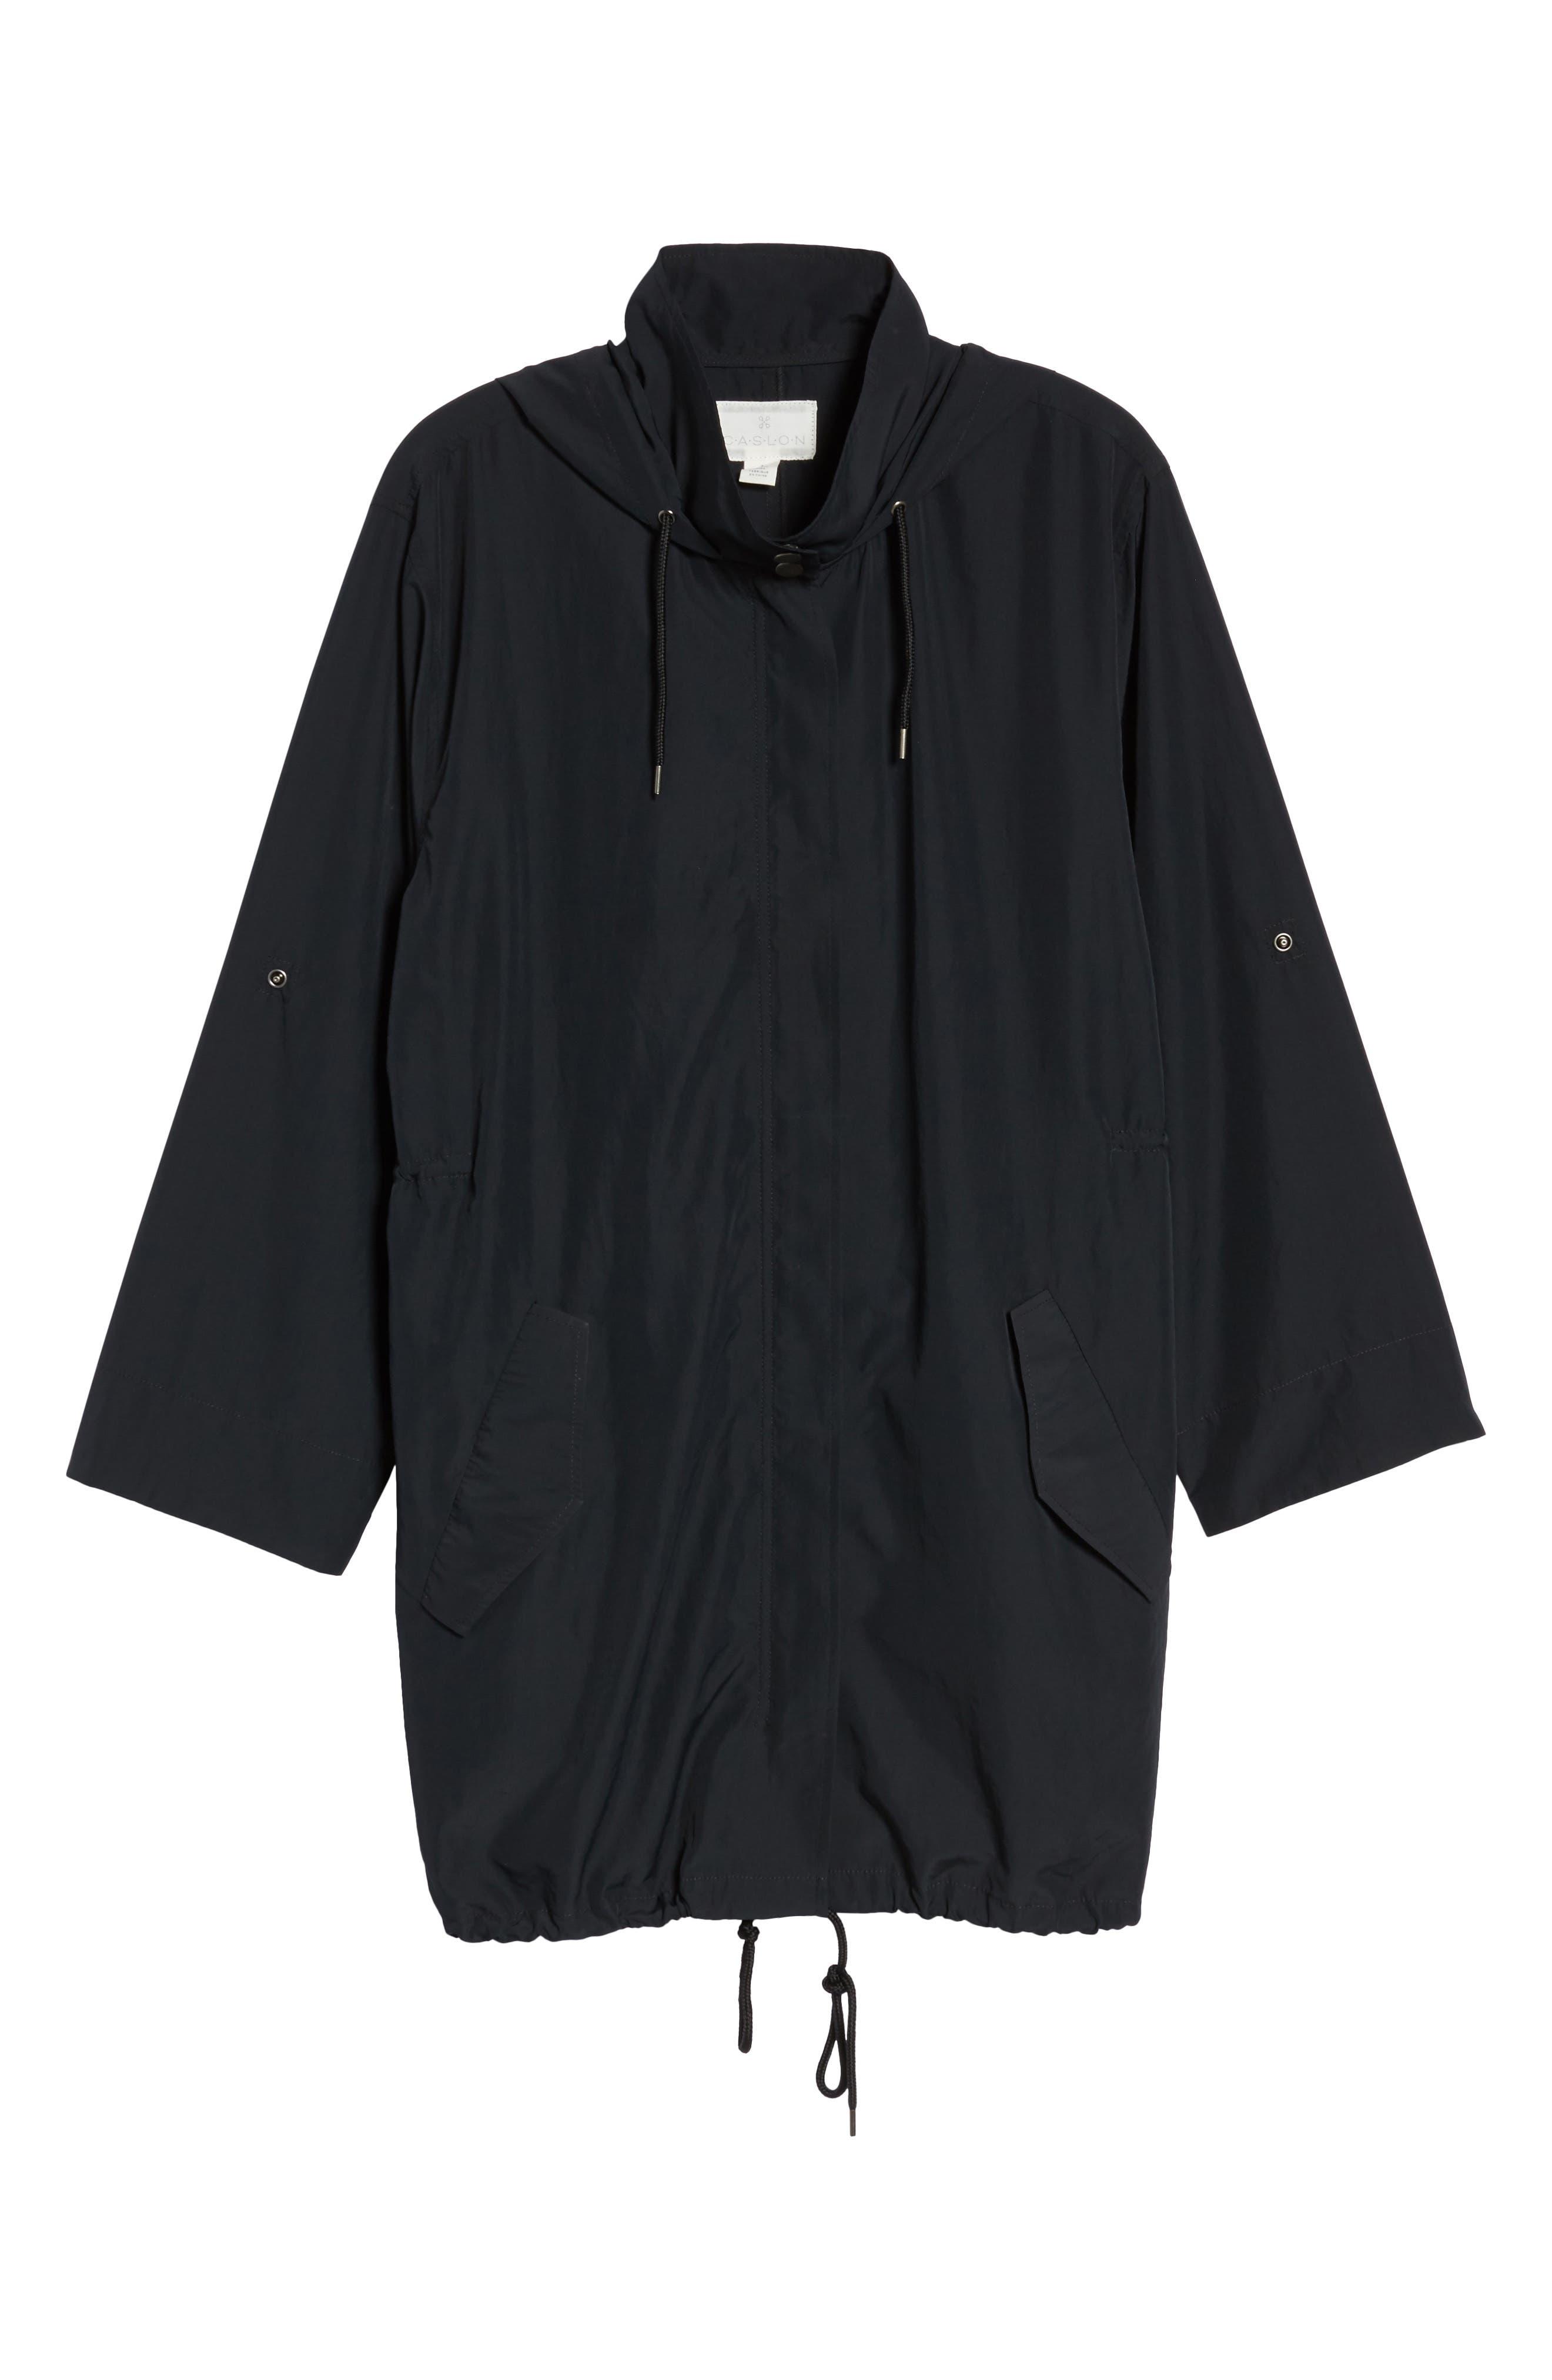 Tumbled Anorak Jacket,                             Alternate thumbnail 7, color,                             Black